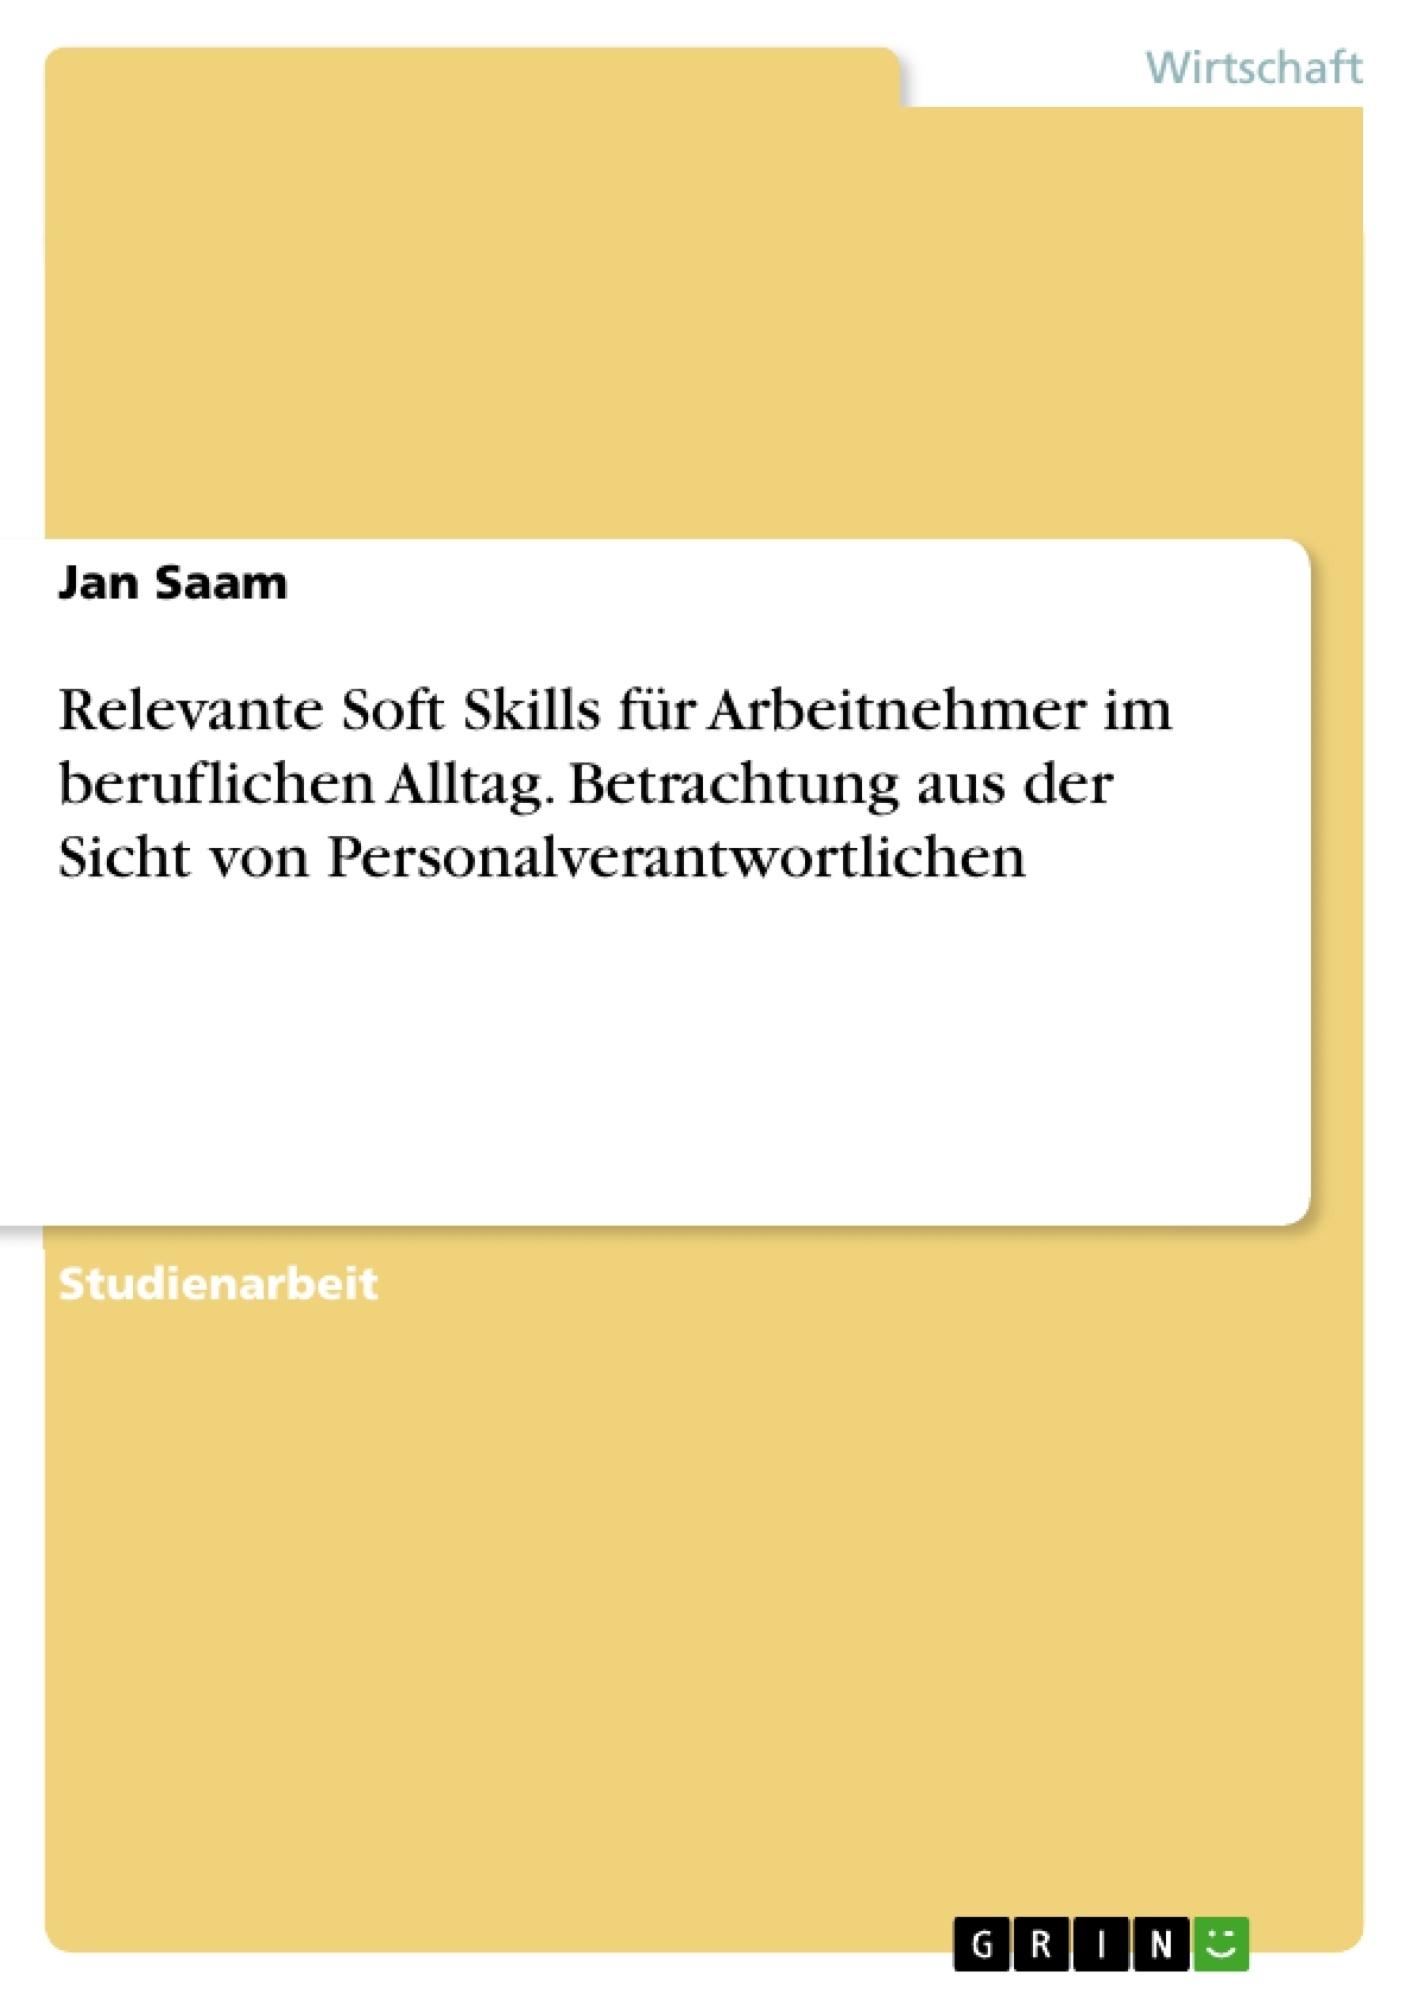 Schön Zusammenfassendes Berichtsschablonenwort Galerie - Beispiel ...